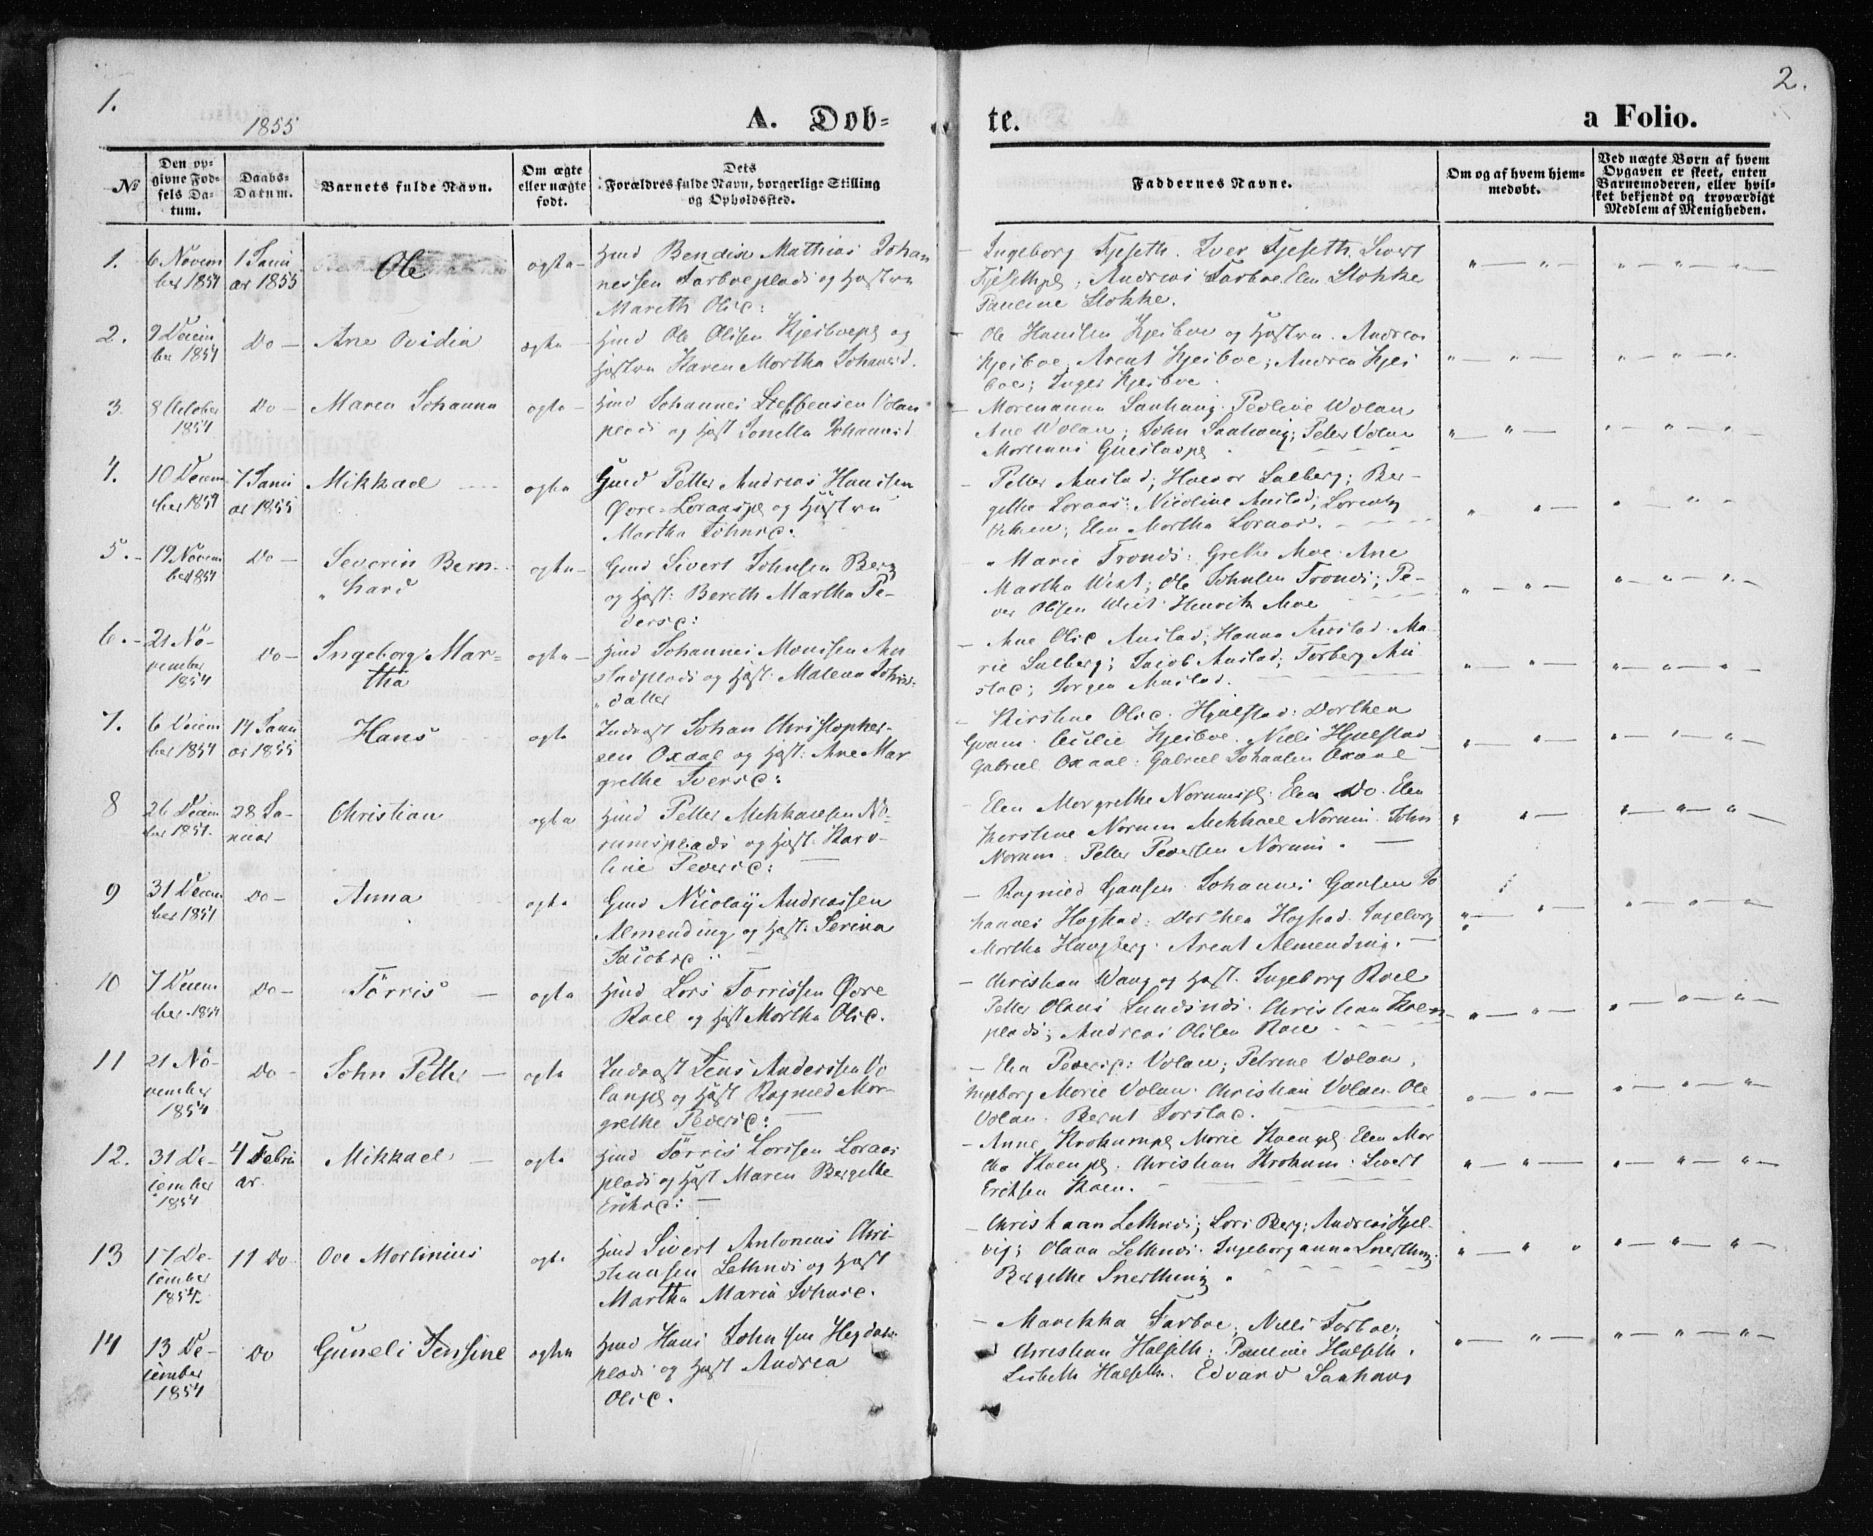 SAT, Ministerialprotokoller, klokkerbøker og fødselsregistre - Nord-Trøndelag, 730/L0283: Parish register (official) no. 730A08, 1855-1865, p. 1-2